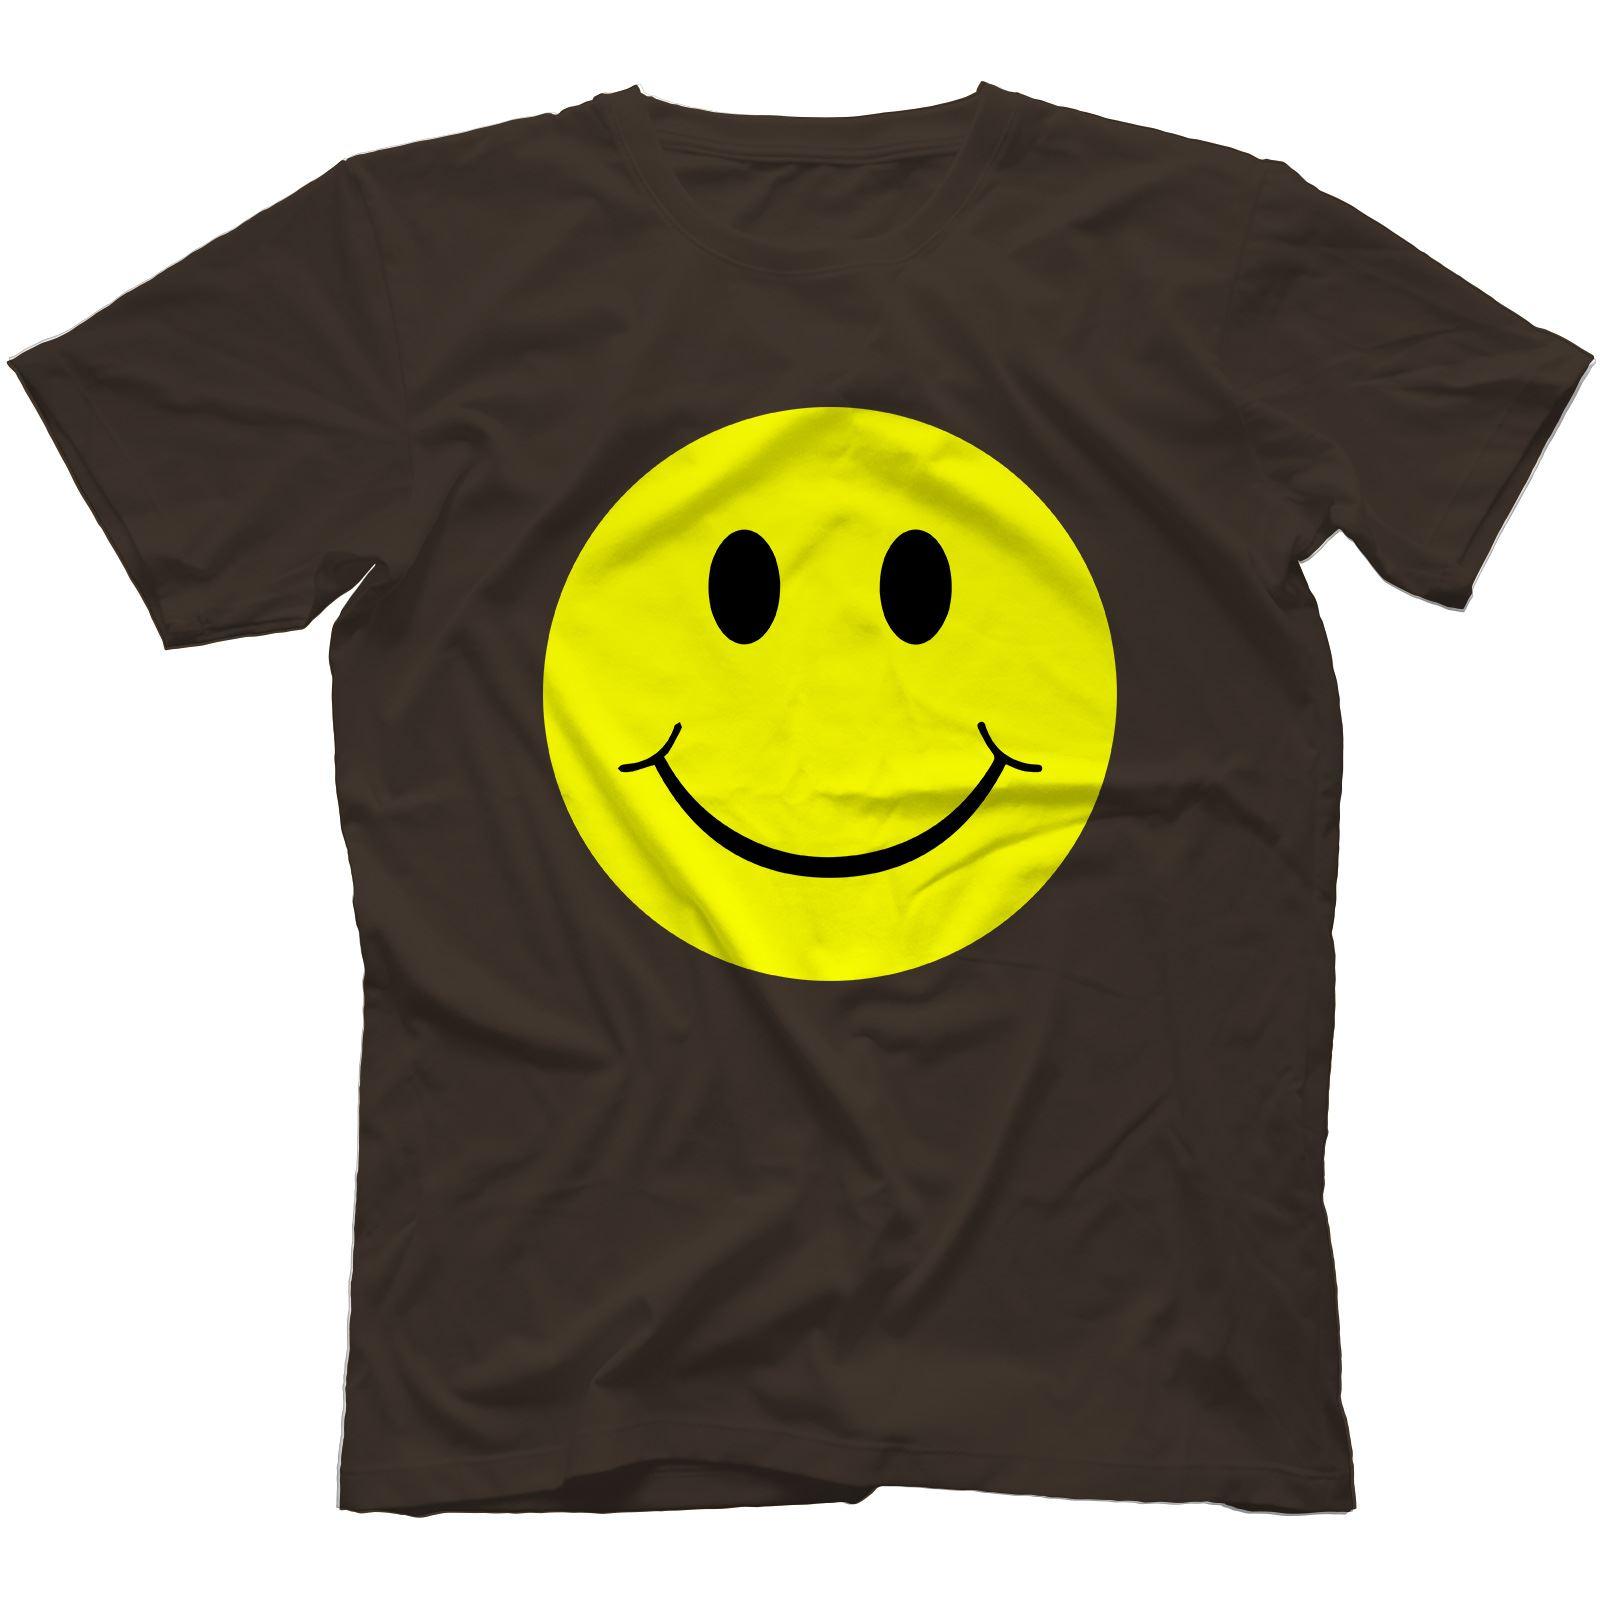 acid house smiley face t shirt 100 cotton i love rave old. Black Bedroom Furniture Sets. Home Design Ideas